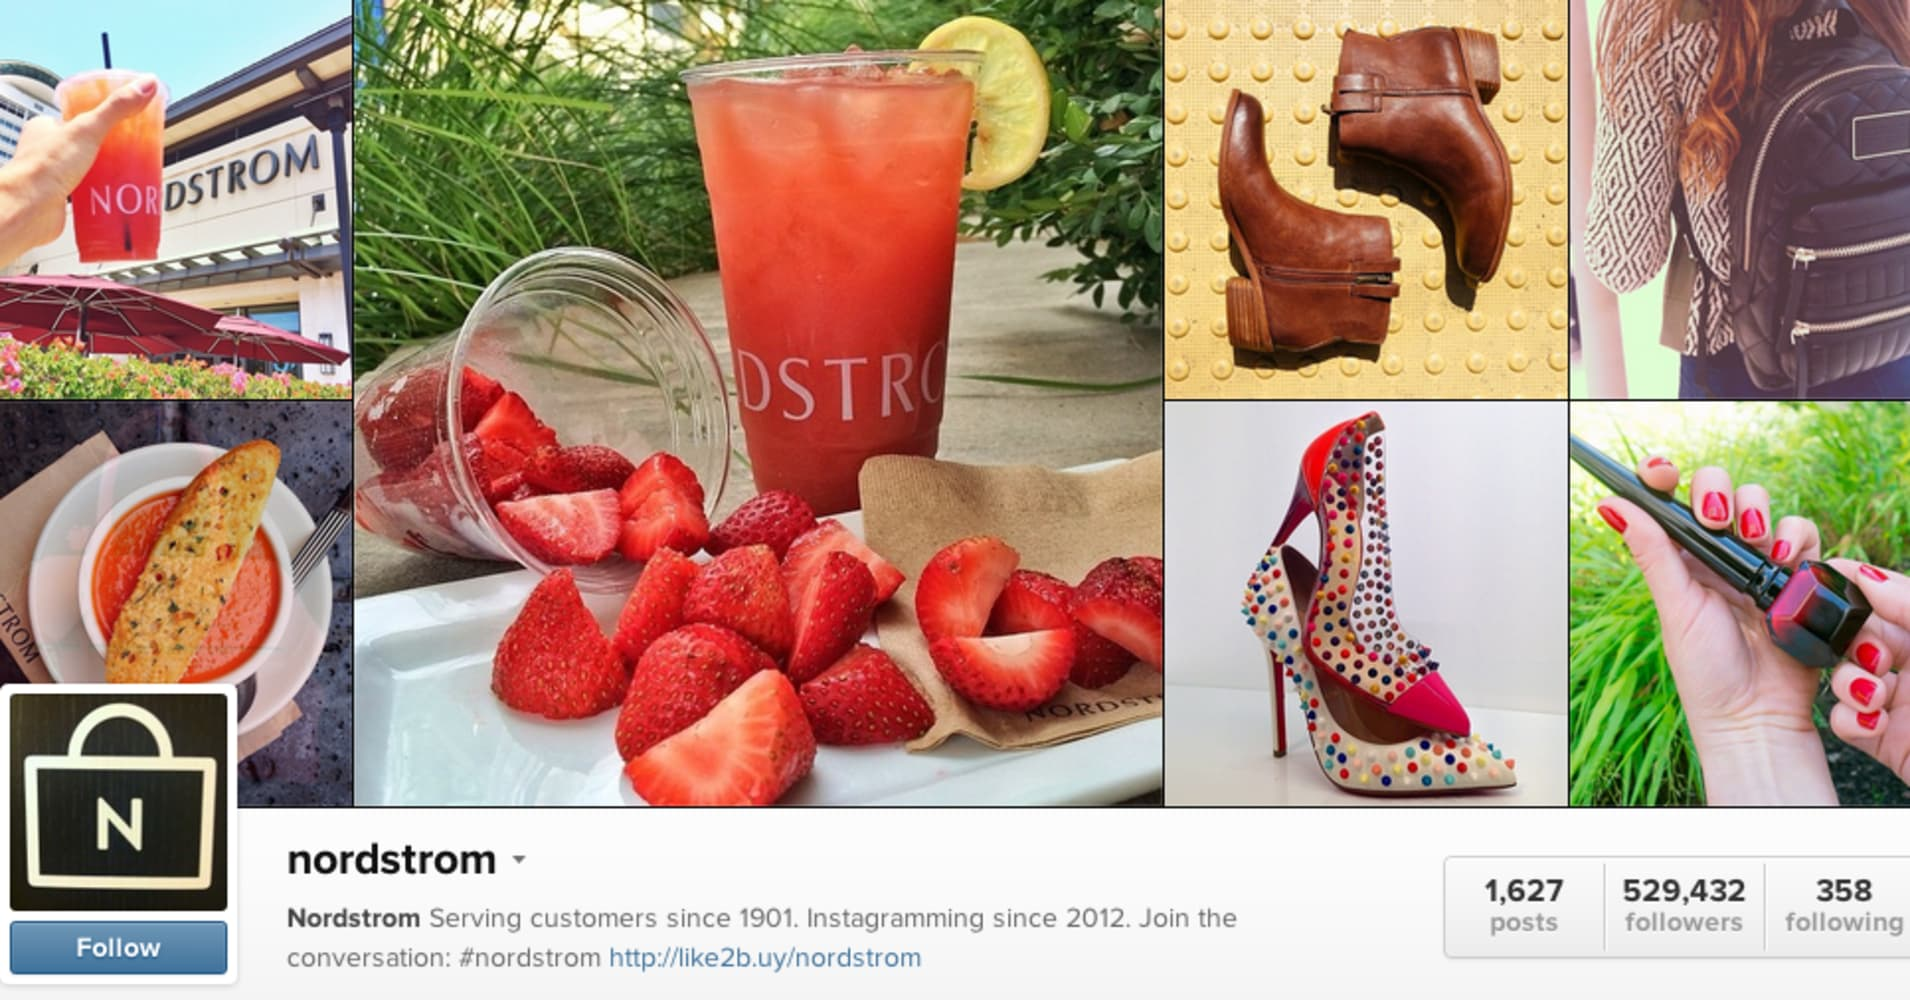 Target, Nordstrom make Instagram shoppable